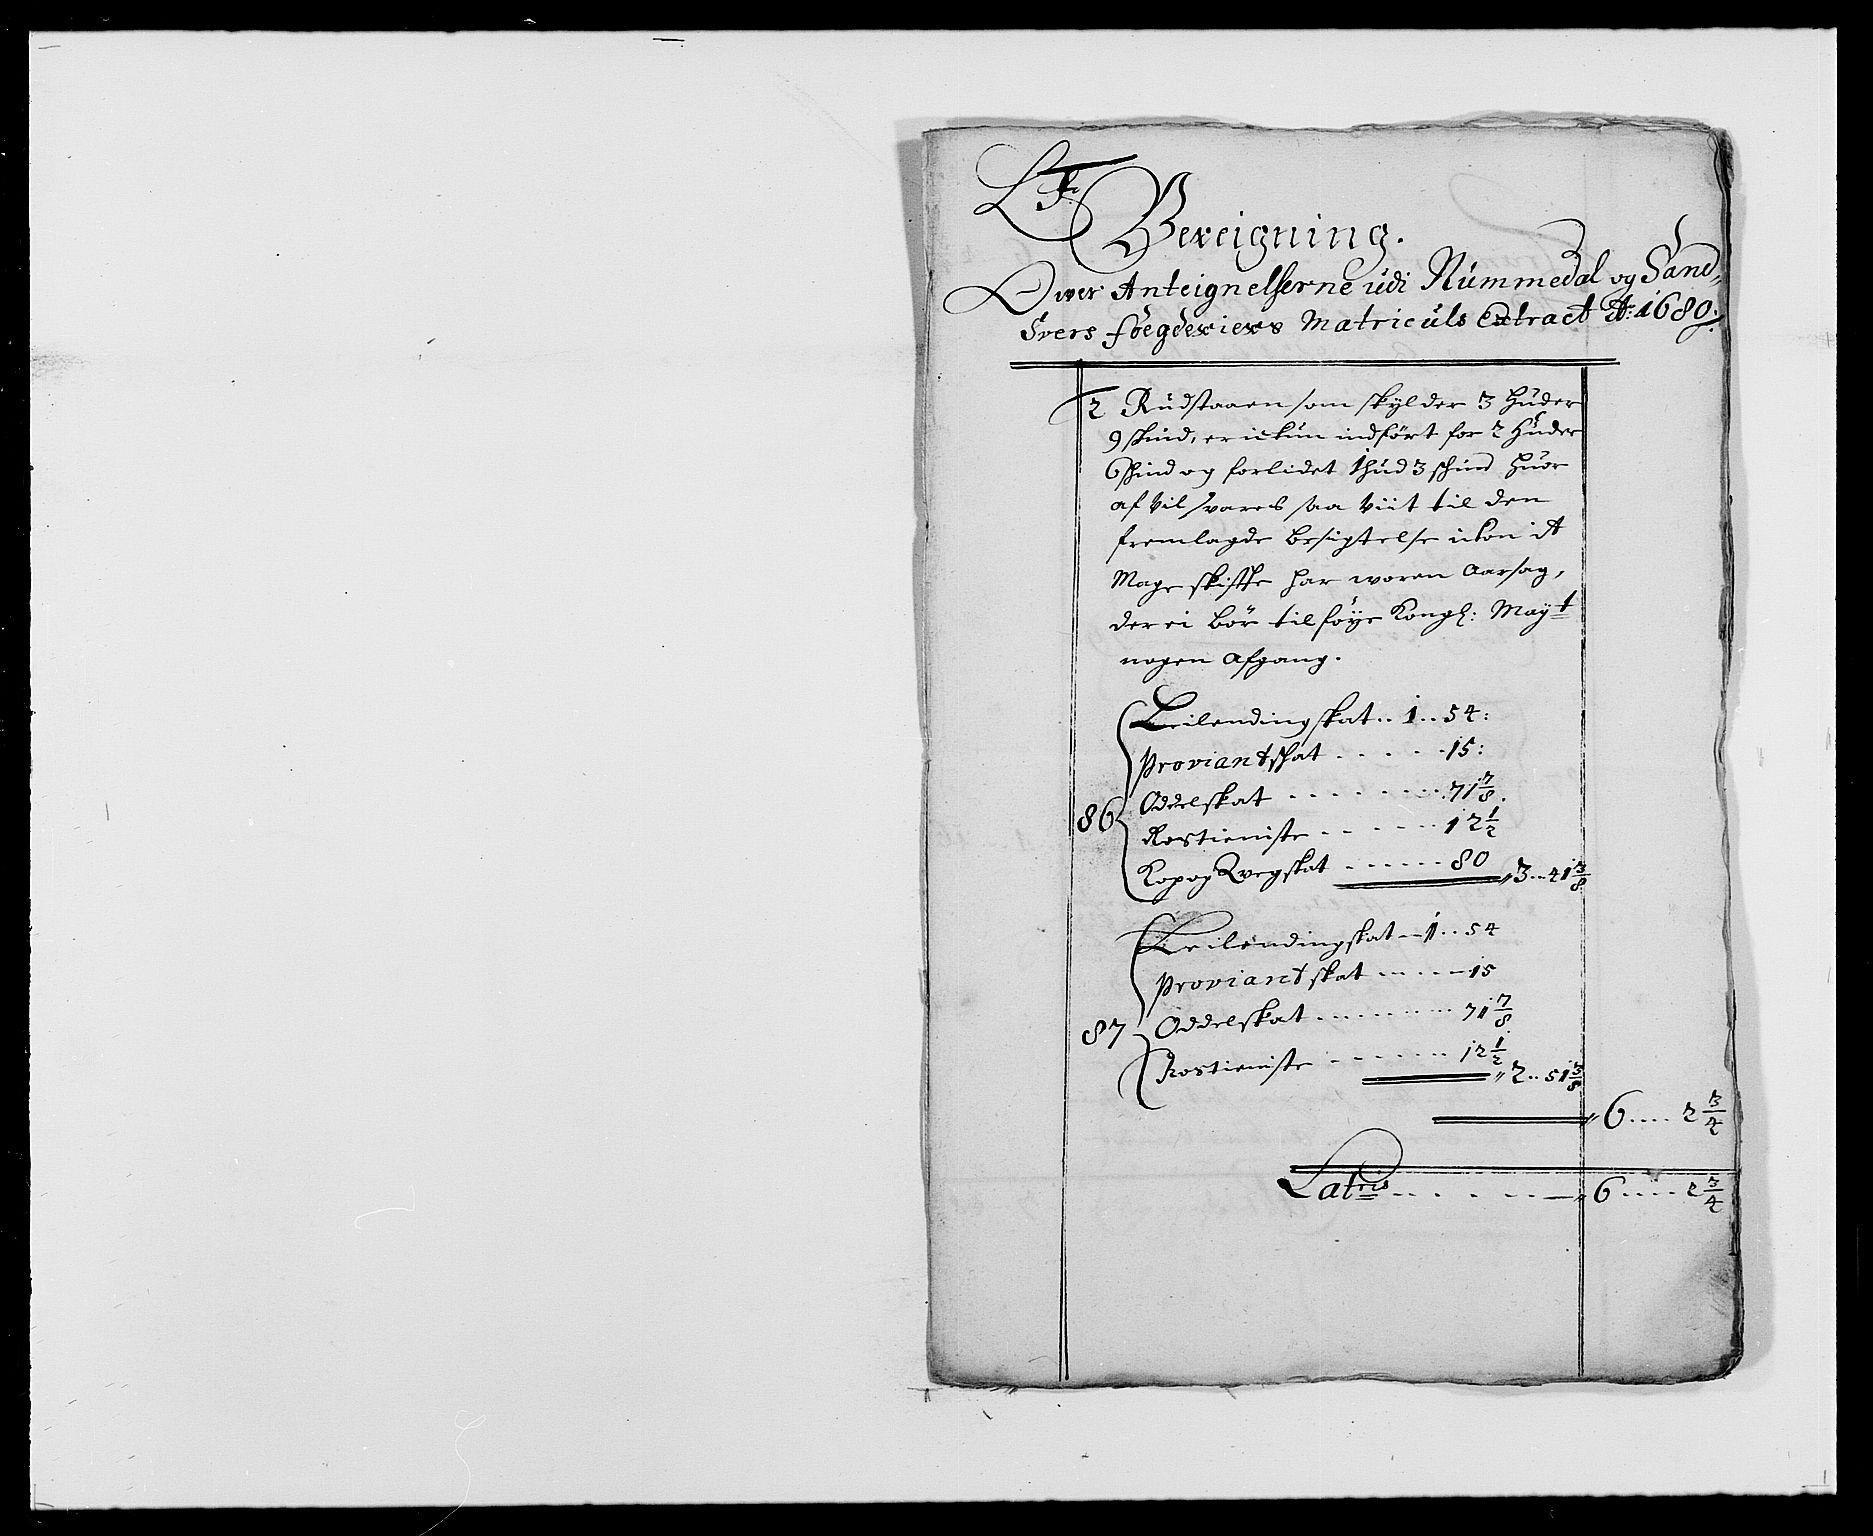 RA, Rentekammeret inntil 1814, Reviderte regnskaper, Fogderegnskap, R24/L1573: Fogderegnskap Numedal og Sandsvær, 1687-1691, s. 293